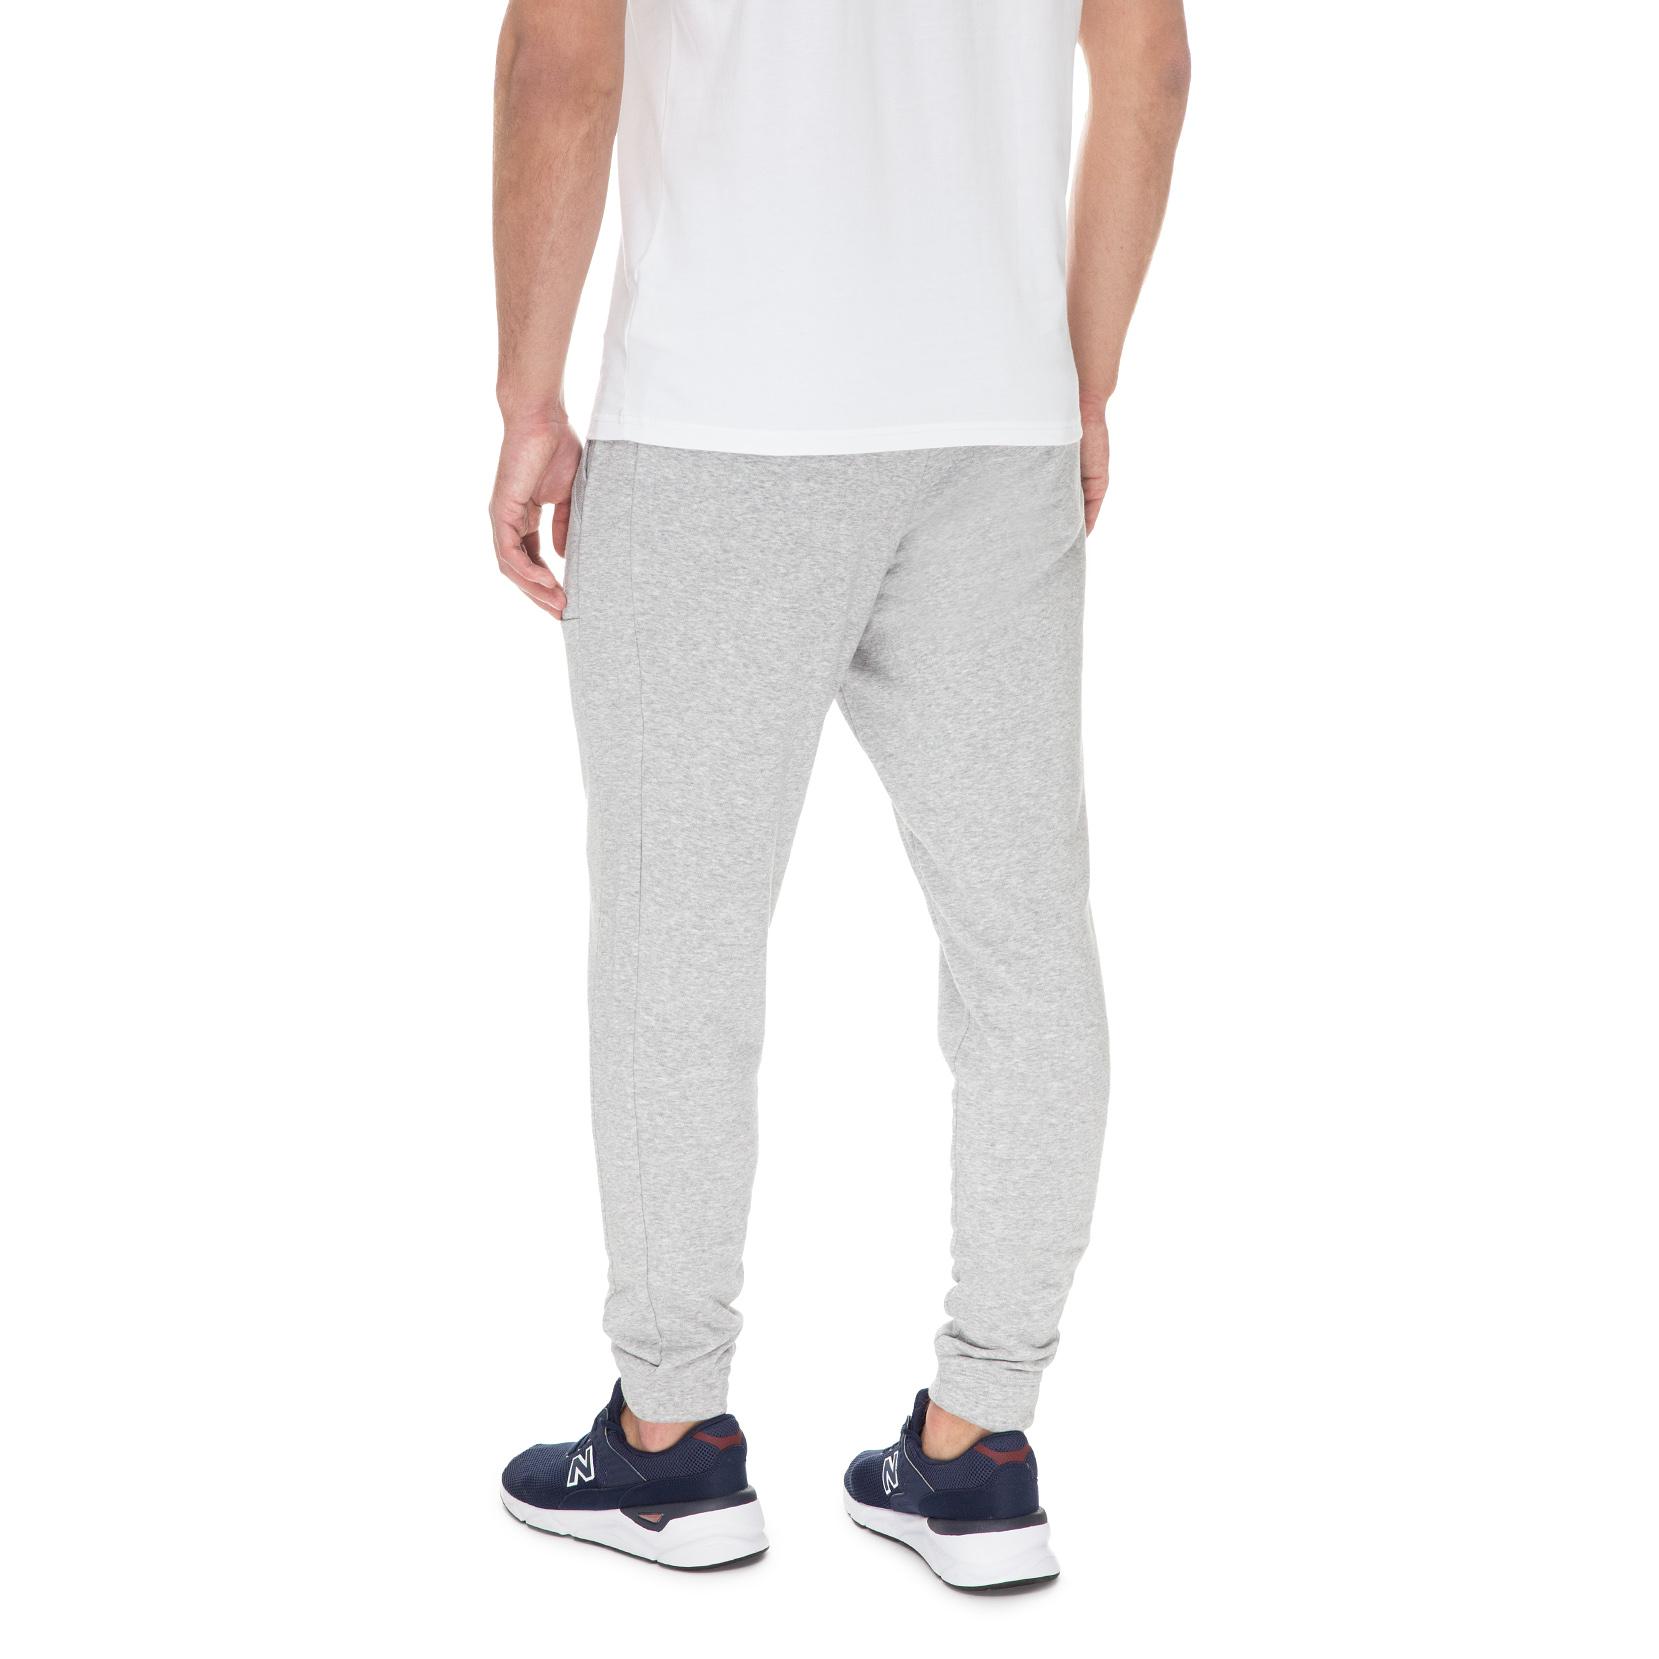 Спортивні брюки NB ATHLETICS для чоловіків MP83515AG  97305e091a643